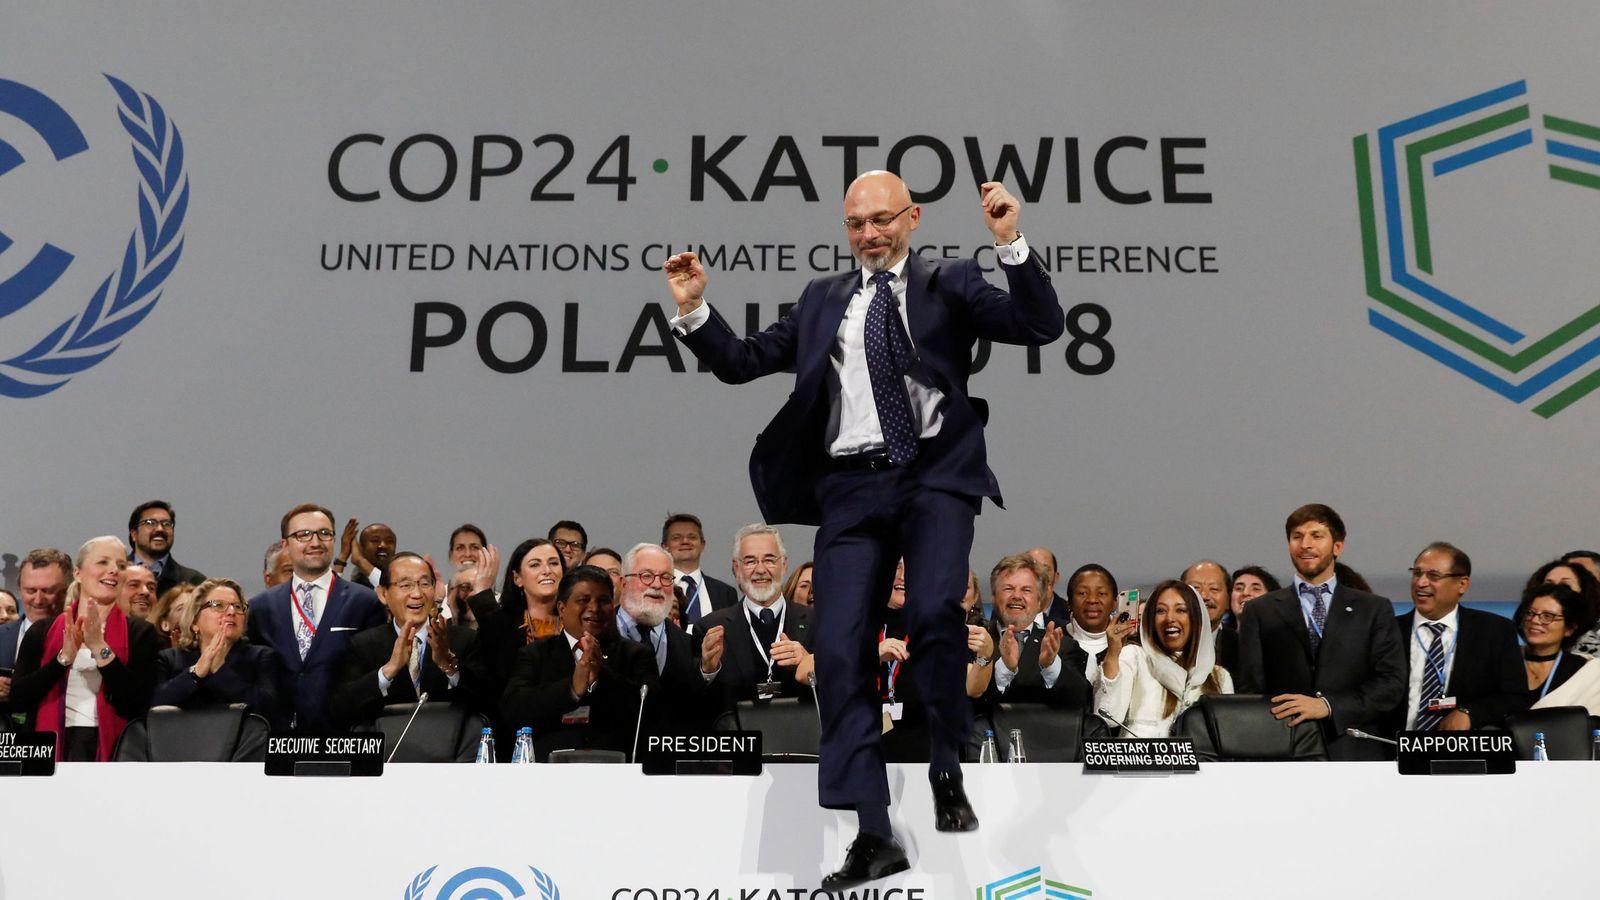 Foto: Reacción del presidente polaco Michal Kurtyka al término de la Cumbre del Clima. (Reuters)